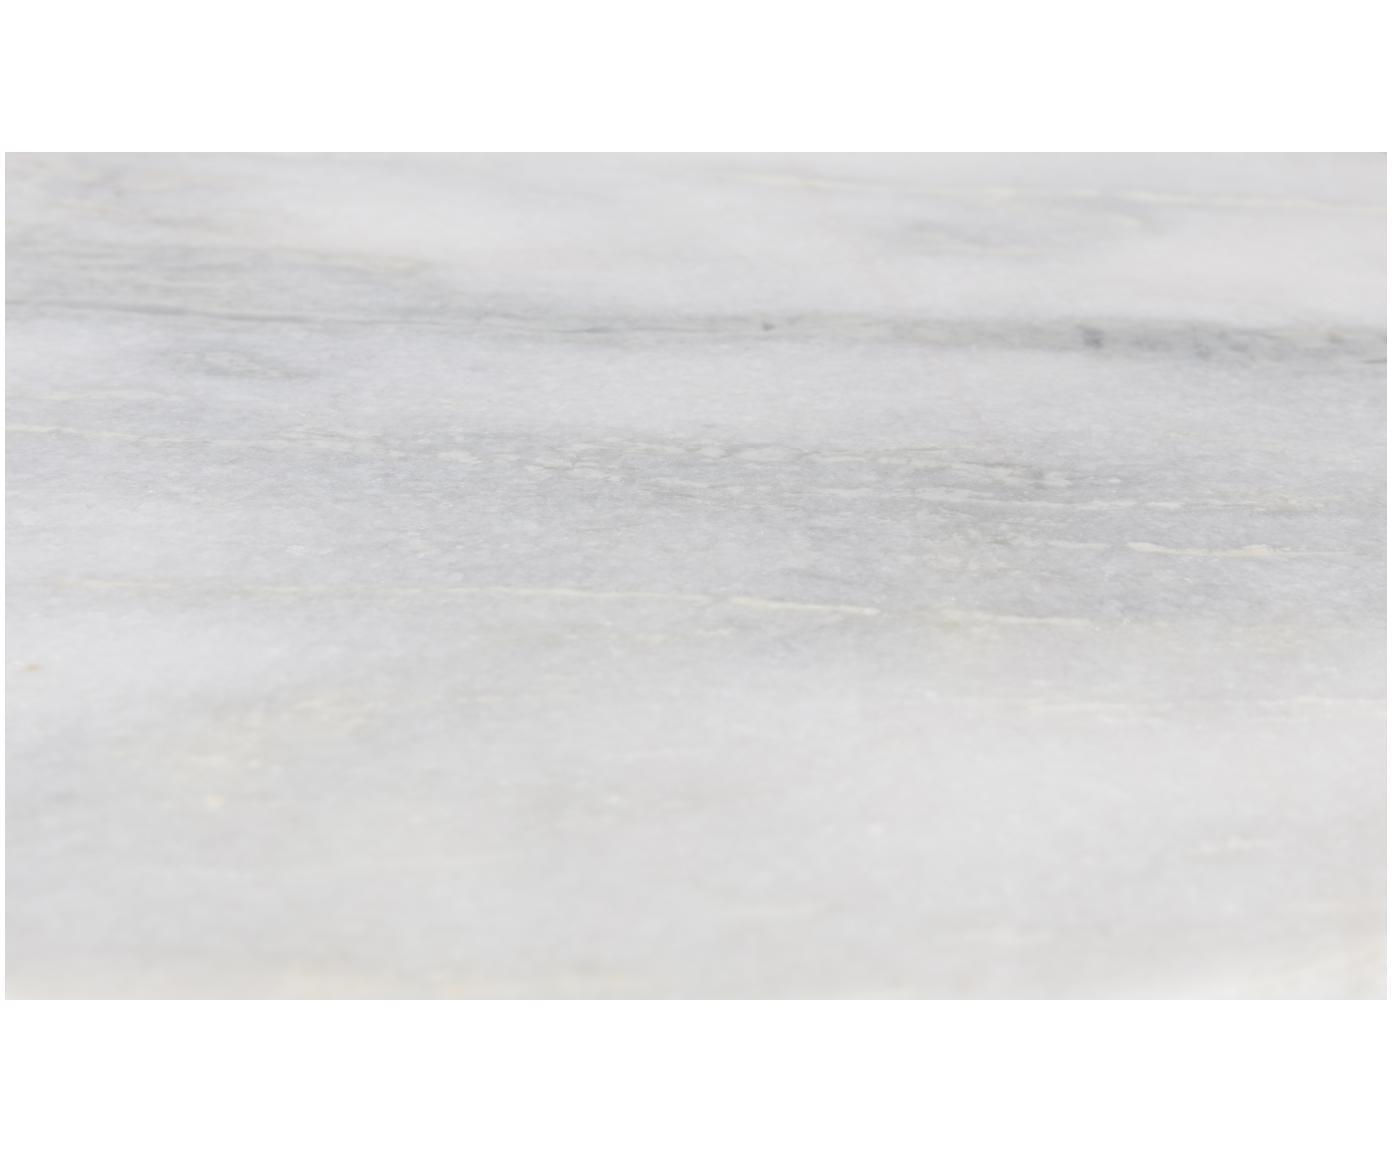 Okrągły stolik pomocniczy z marmuru Timpa, Blat: marmur, Nogi: żelazo mosiądzowane, Blat: biały, marmurowy Nogi: mosiądz, Ø 45 x W 54 cm